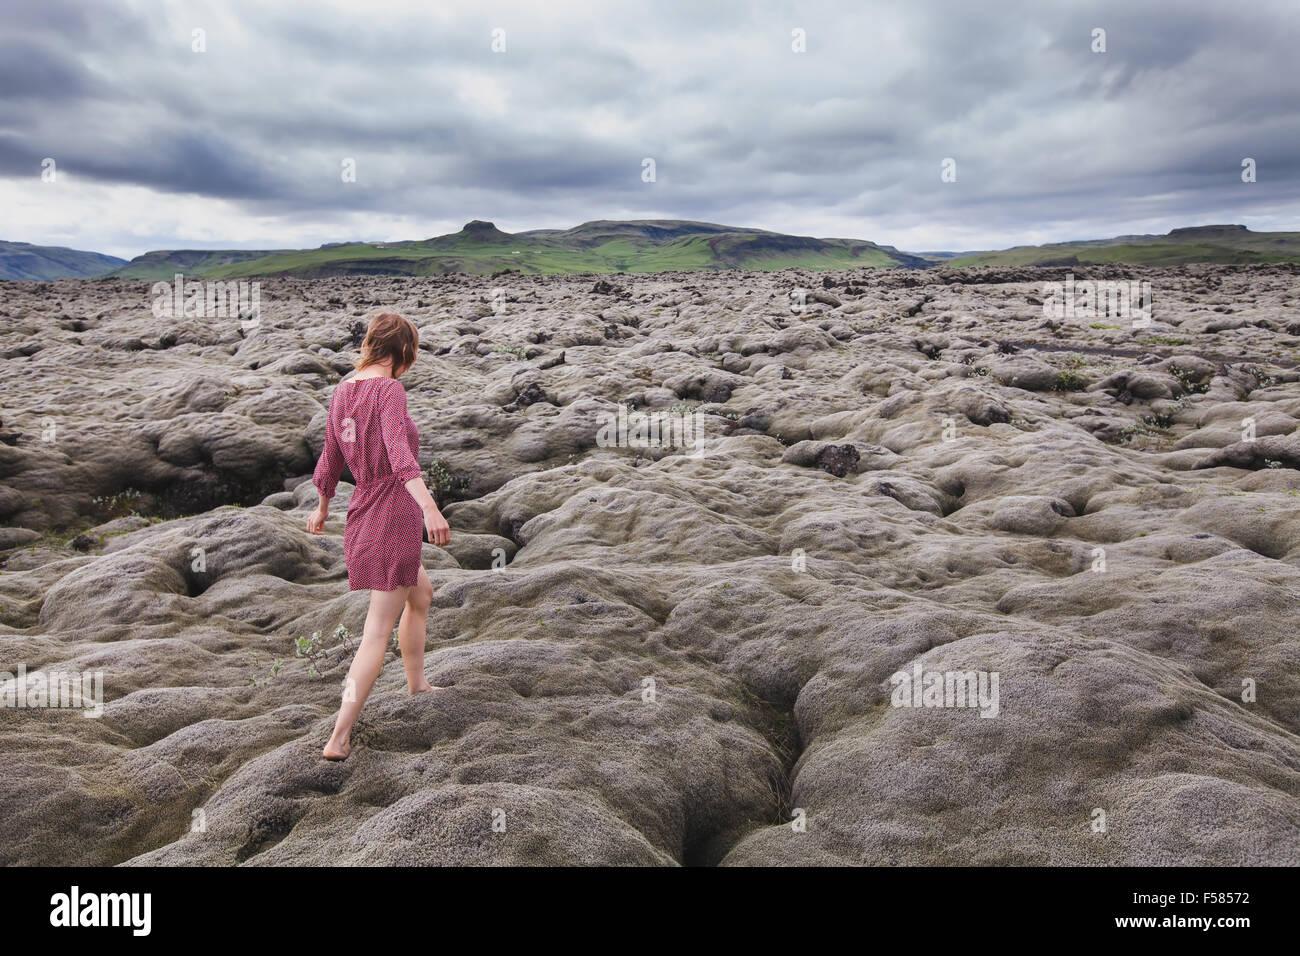 Fashion femme marchant pieds nus dans les champs de lave en Islande Photo Stock